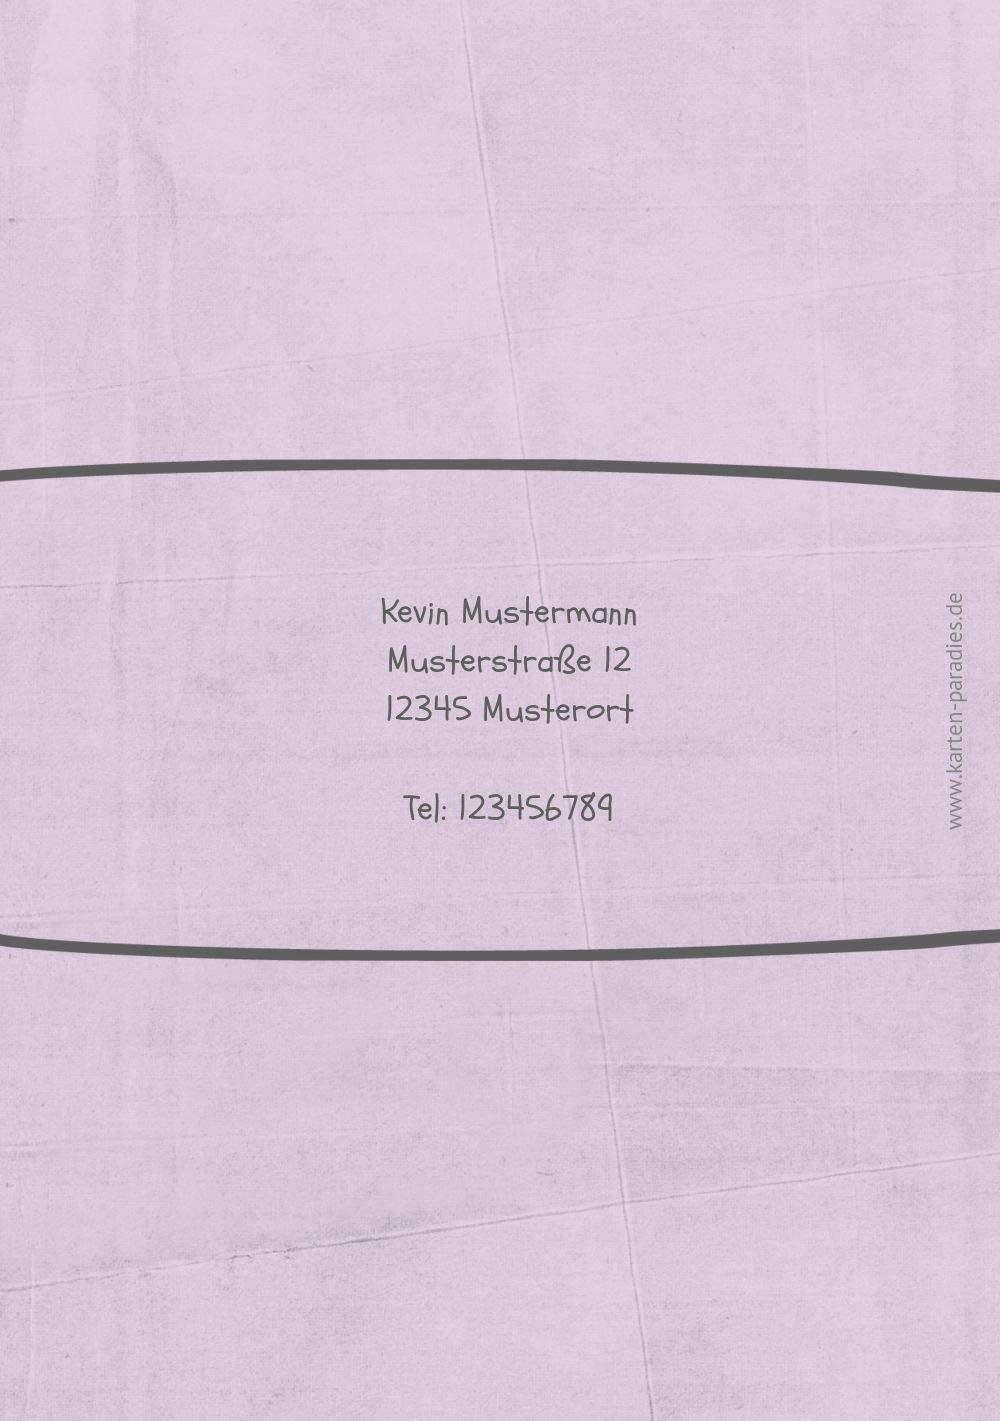 Einladung zum Geburtstag Vogelfest, 10 Karten, Karten, Karten, HellgrauLila B07L1D1FZD | Gutes Design  | Erschwinglich  | Der Schatz des Kindes, unser Glück  32eaef